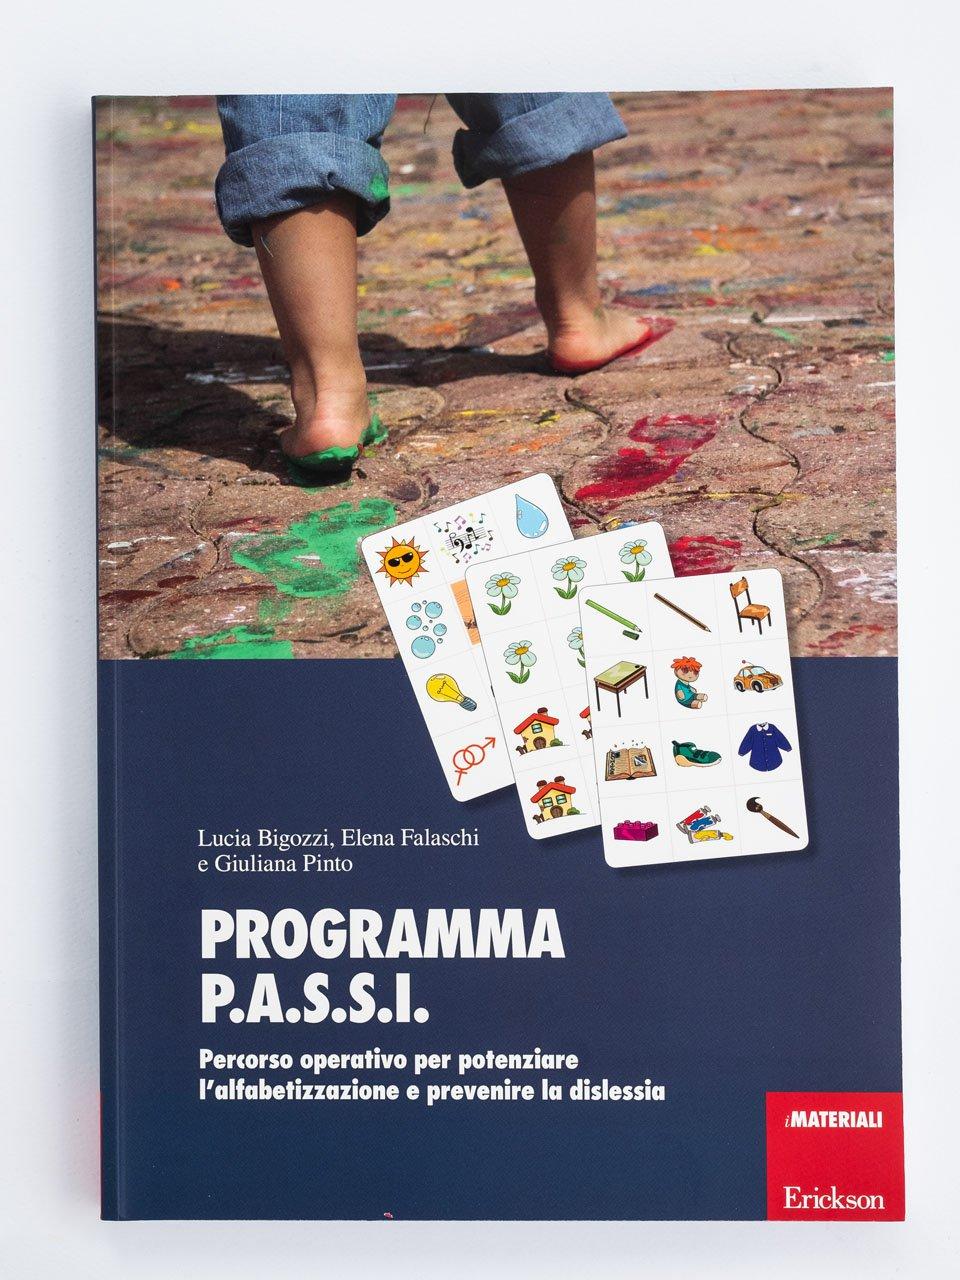 Programma P.A.S.S.I. - C'era un Pirata - Giochi - Erickson